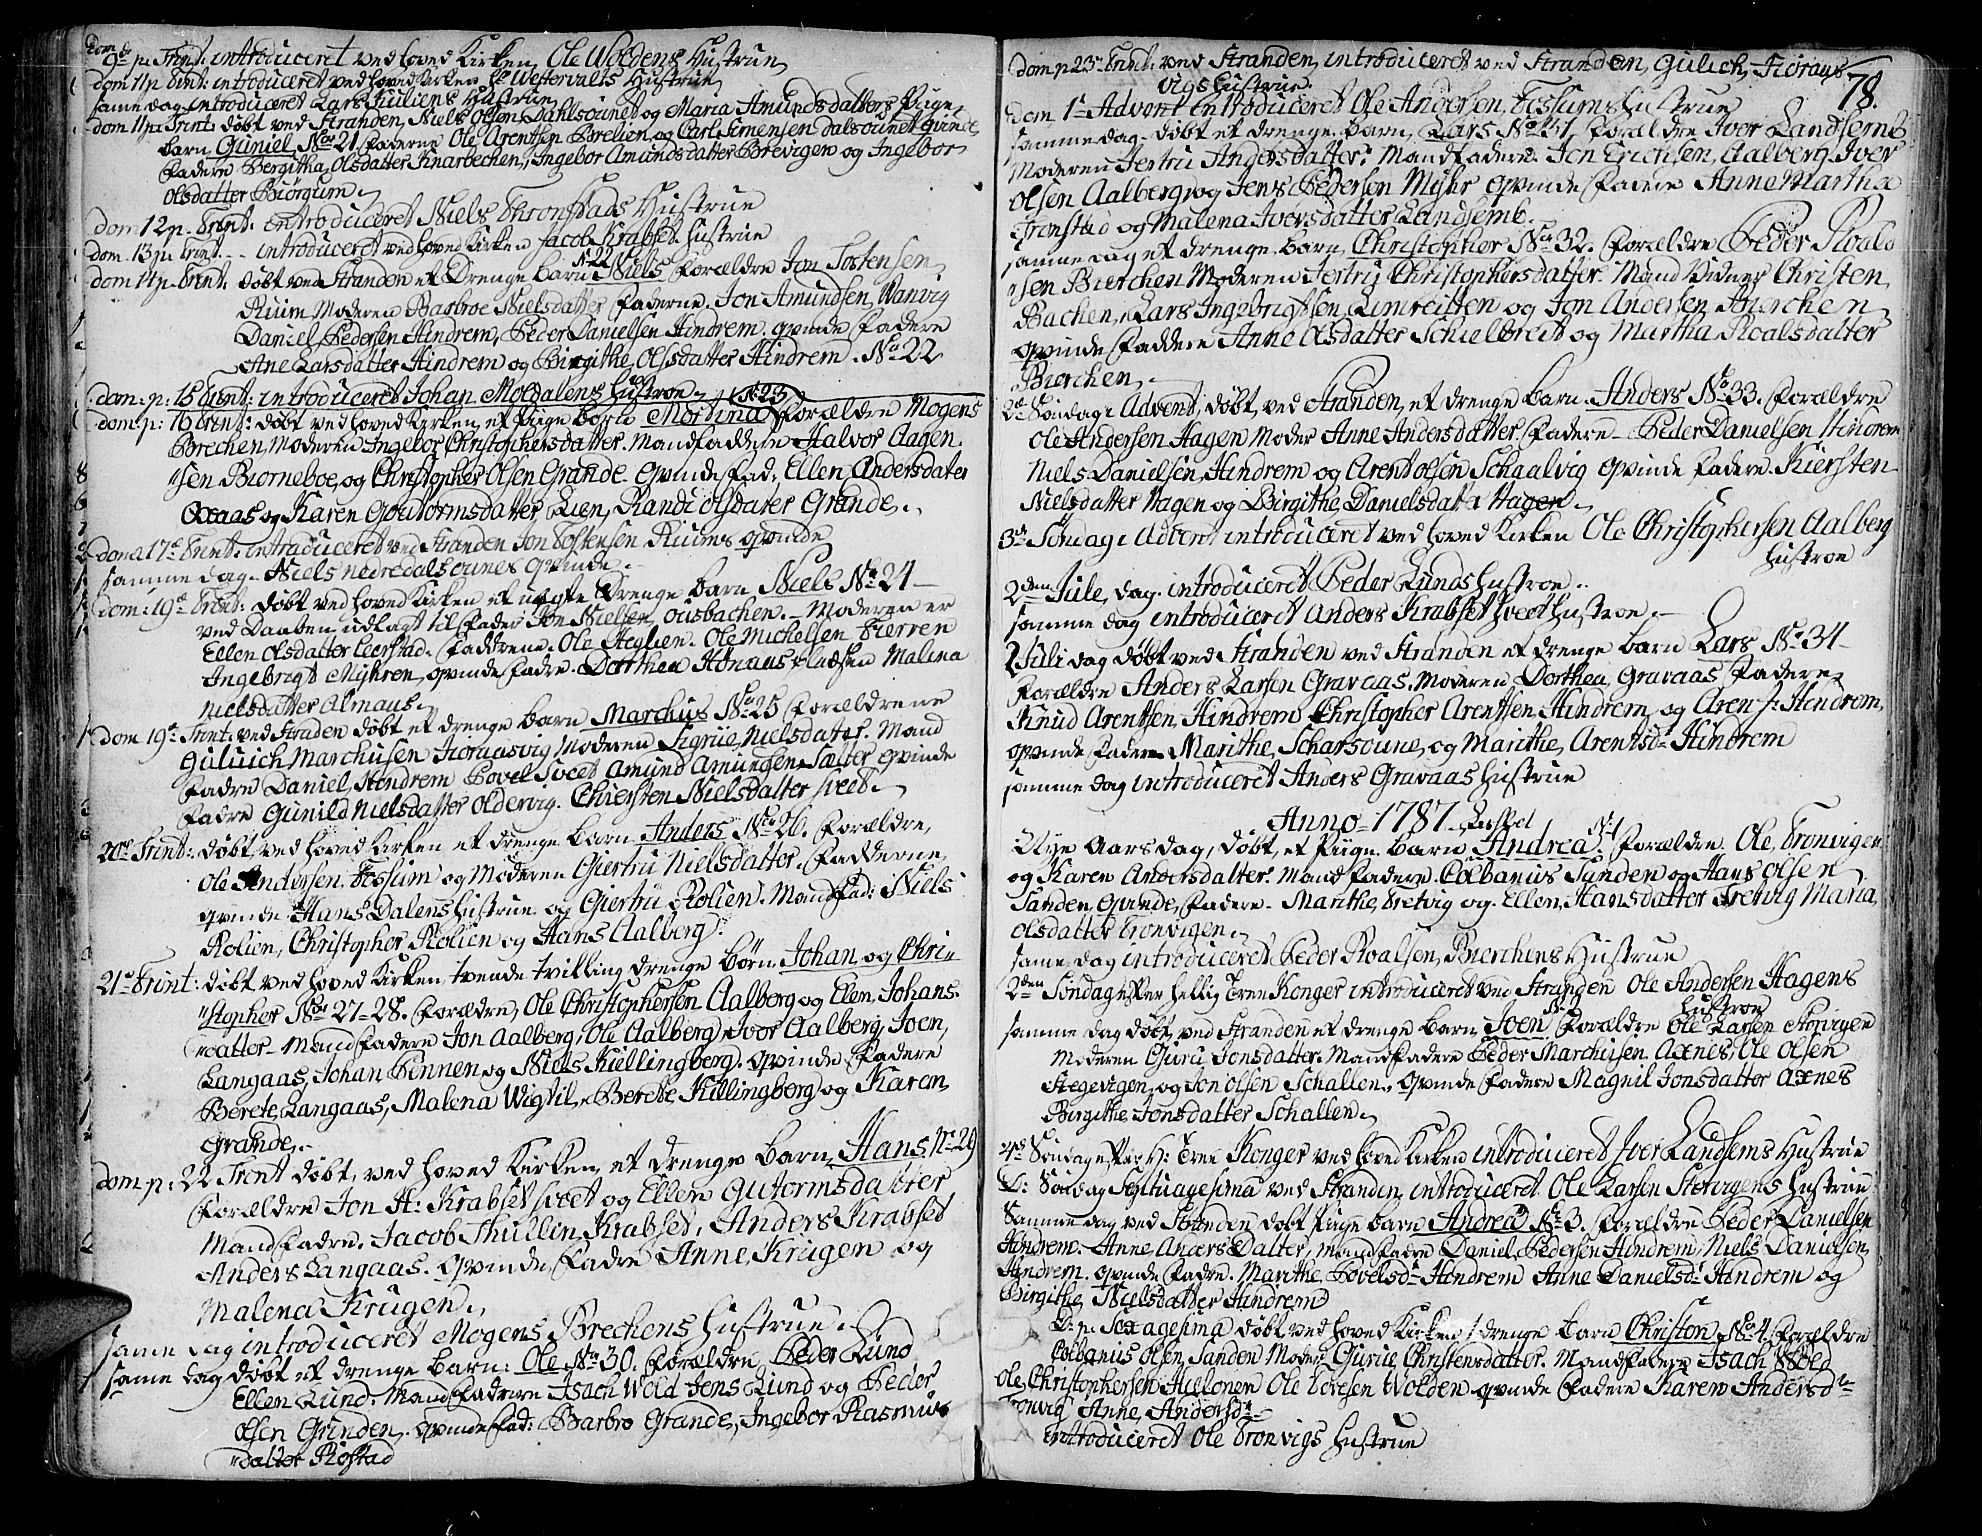 SAT, Ministerialprotokoller, klokkerbøker og fødselsregistre - Nord-Trøndelag, 701/L0004: Ministerialbok nr. 701A04, 1783-1816, s. 78